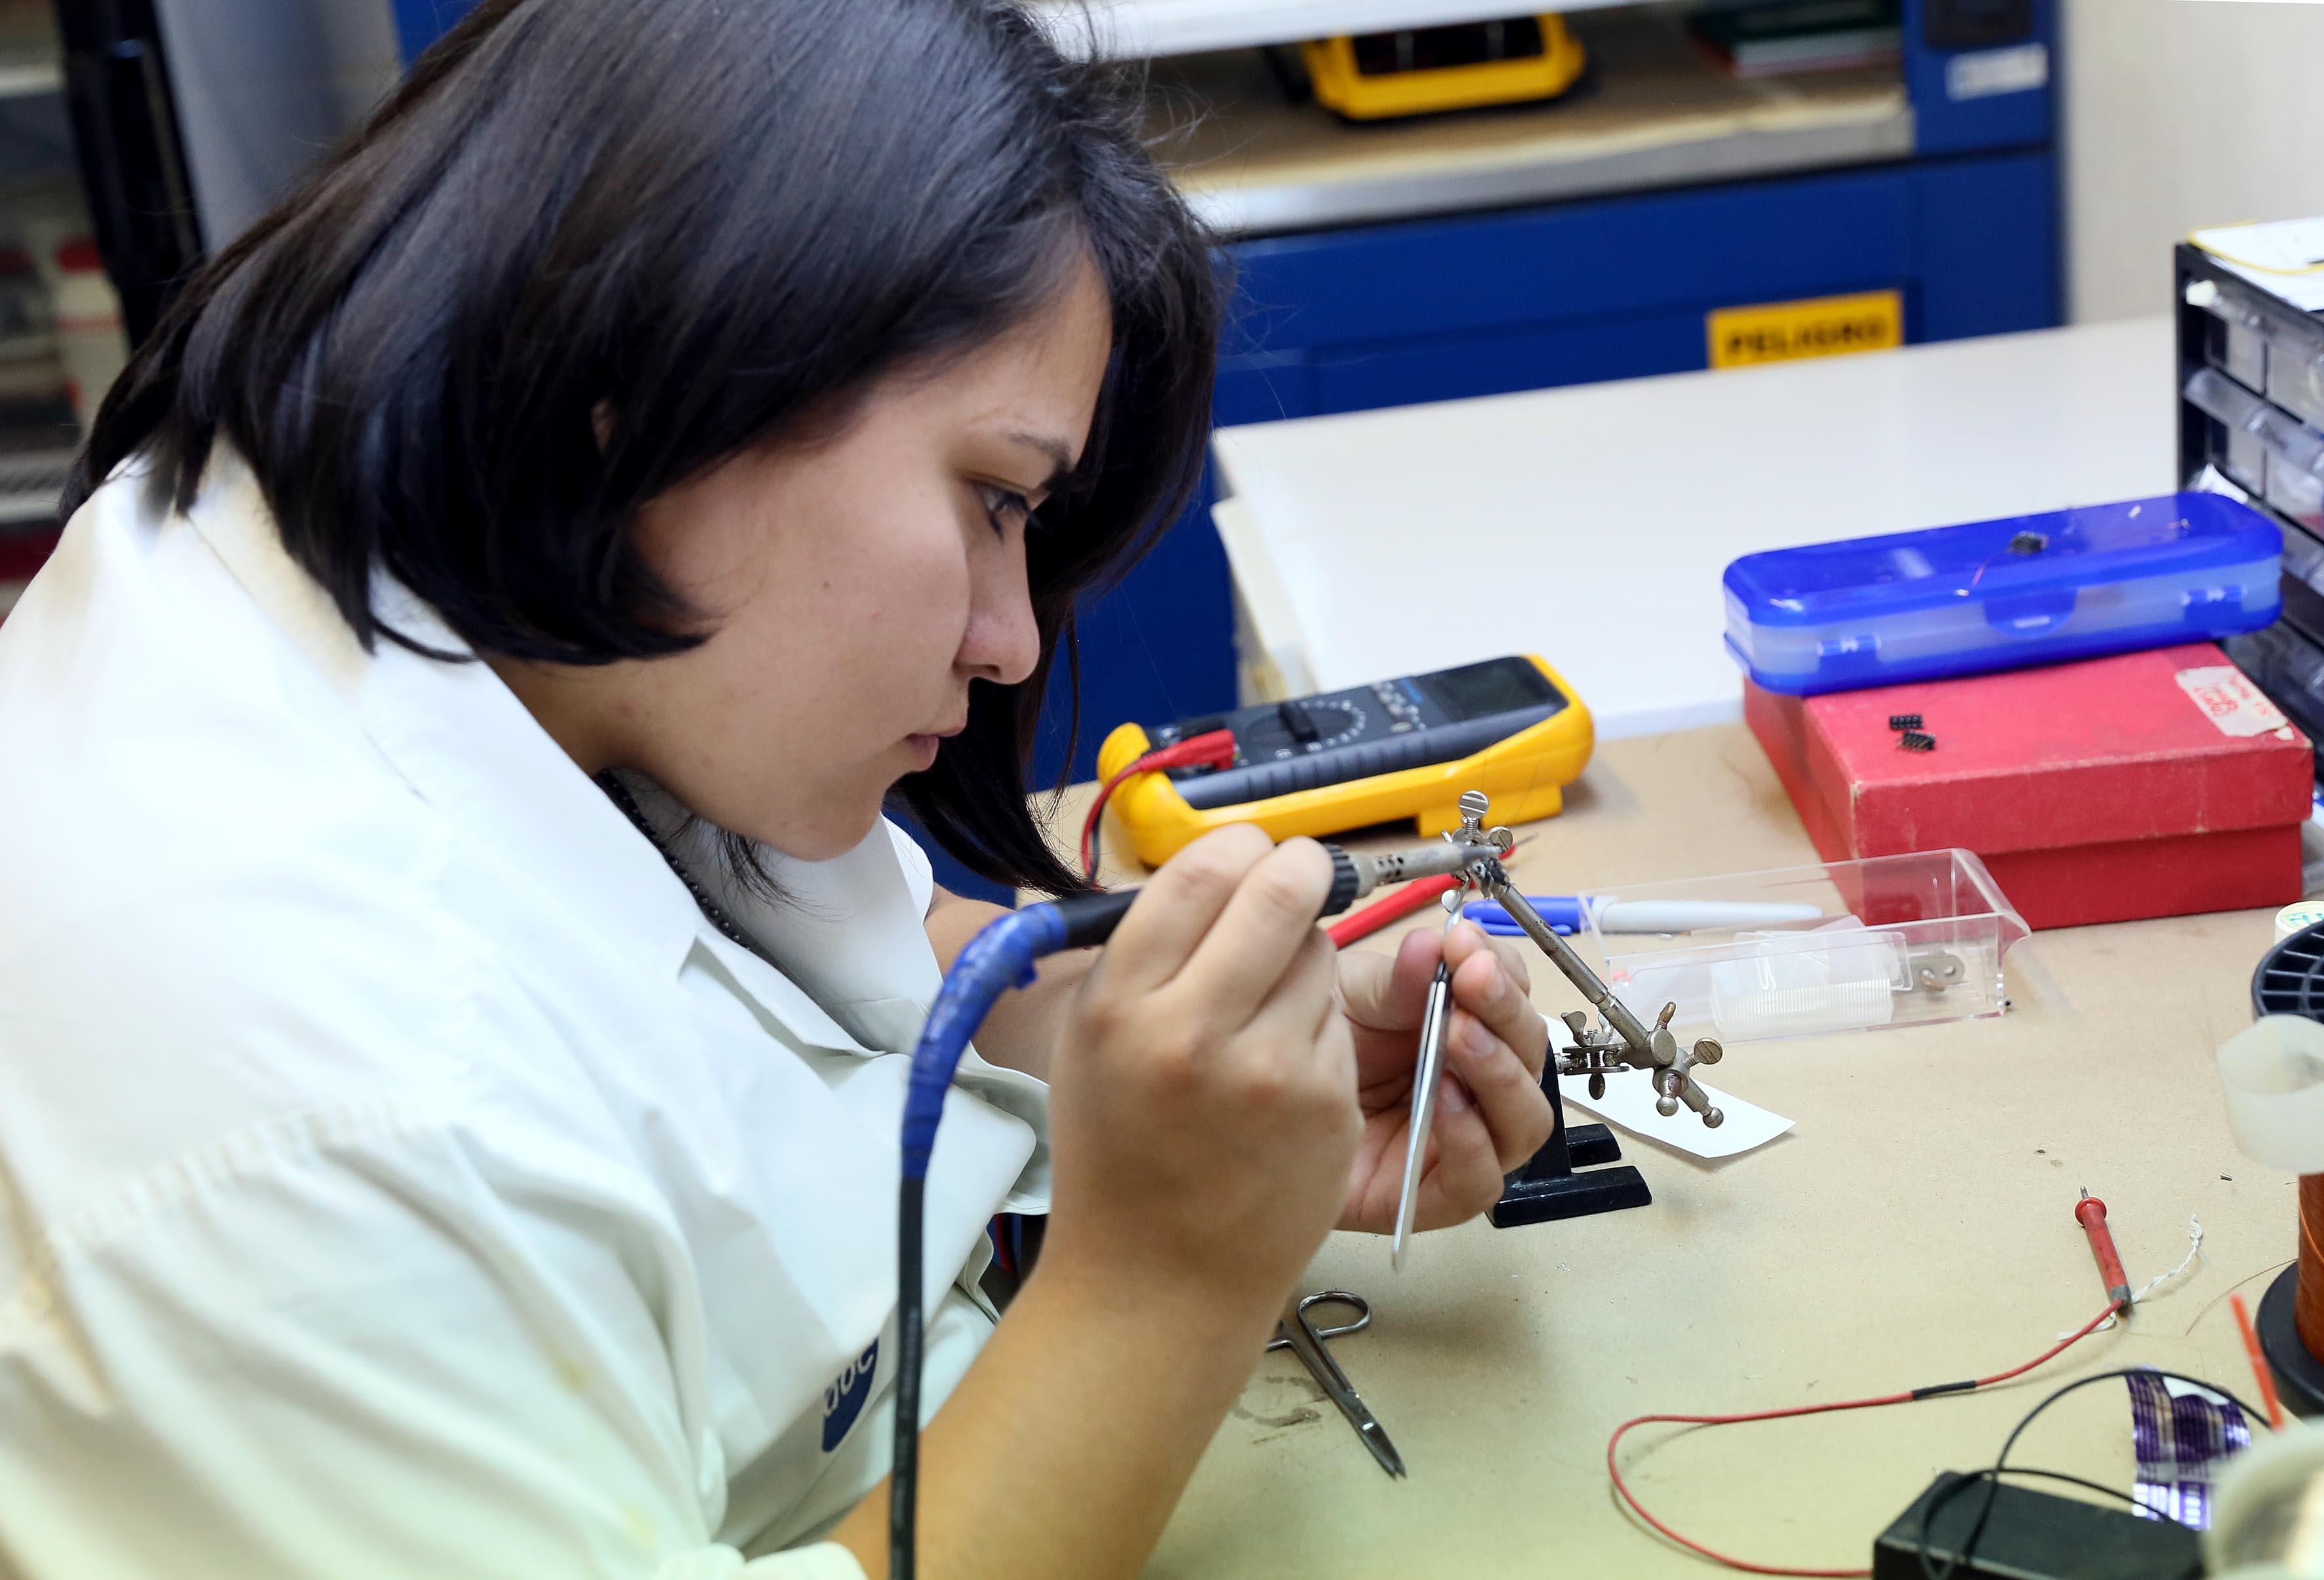 Investigadora del CUCB, maniobrando equipo eléctrico para pruebas de laboratorio.